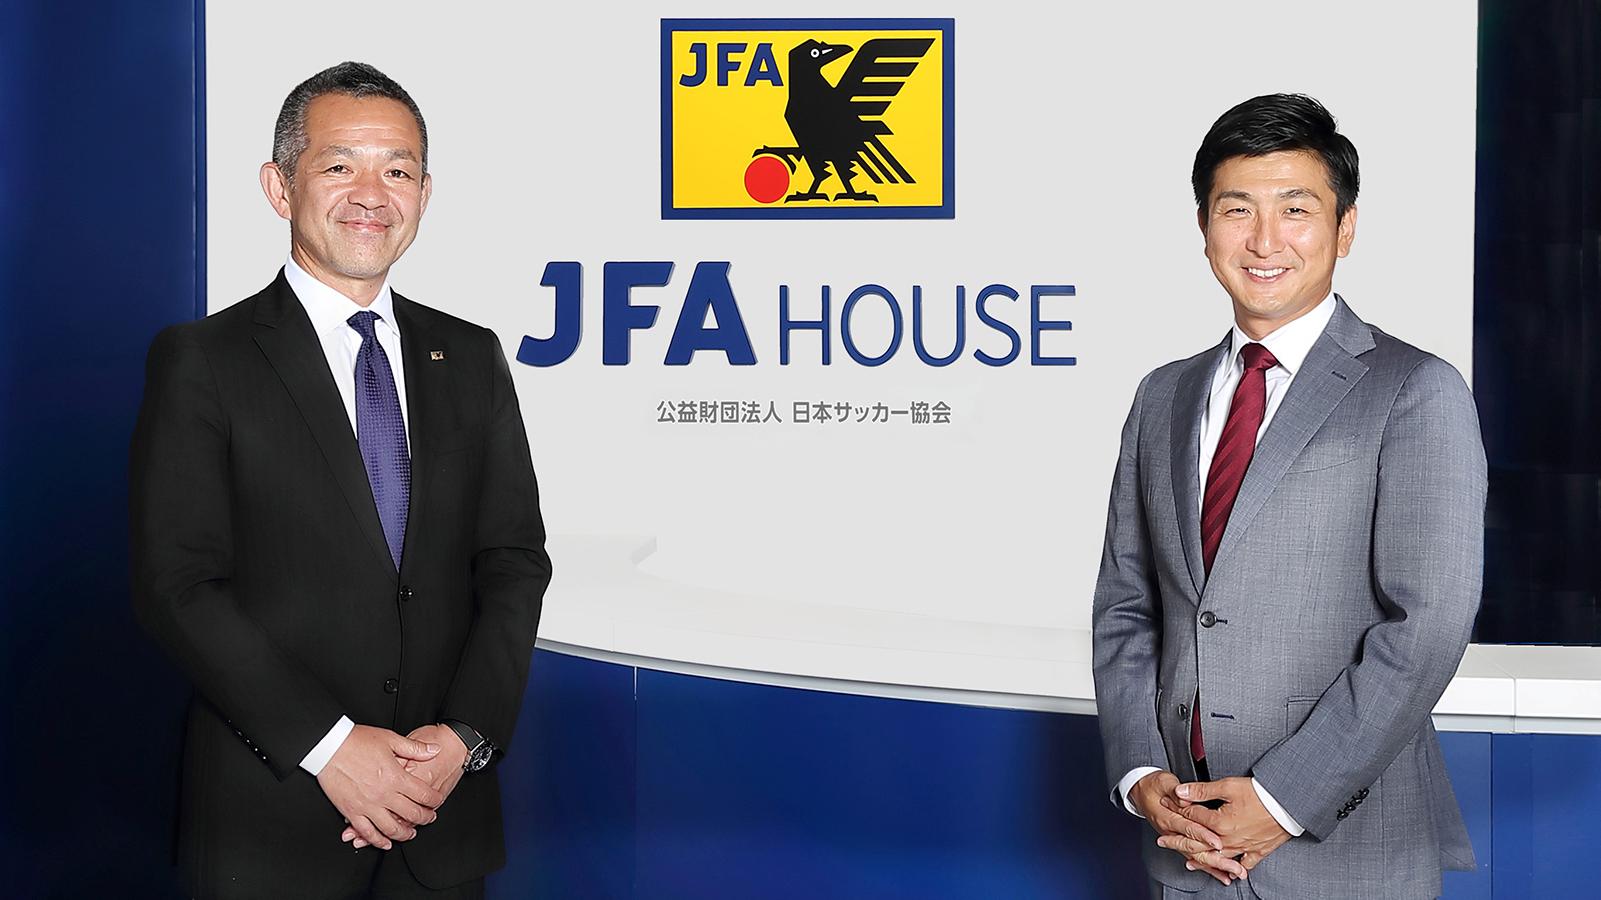 プロ経営者が目指す、日本サッカー協会とスポーツビジネスの発展の姿/公益財団法人日本サッカー協会 FUTURE of WORK